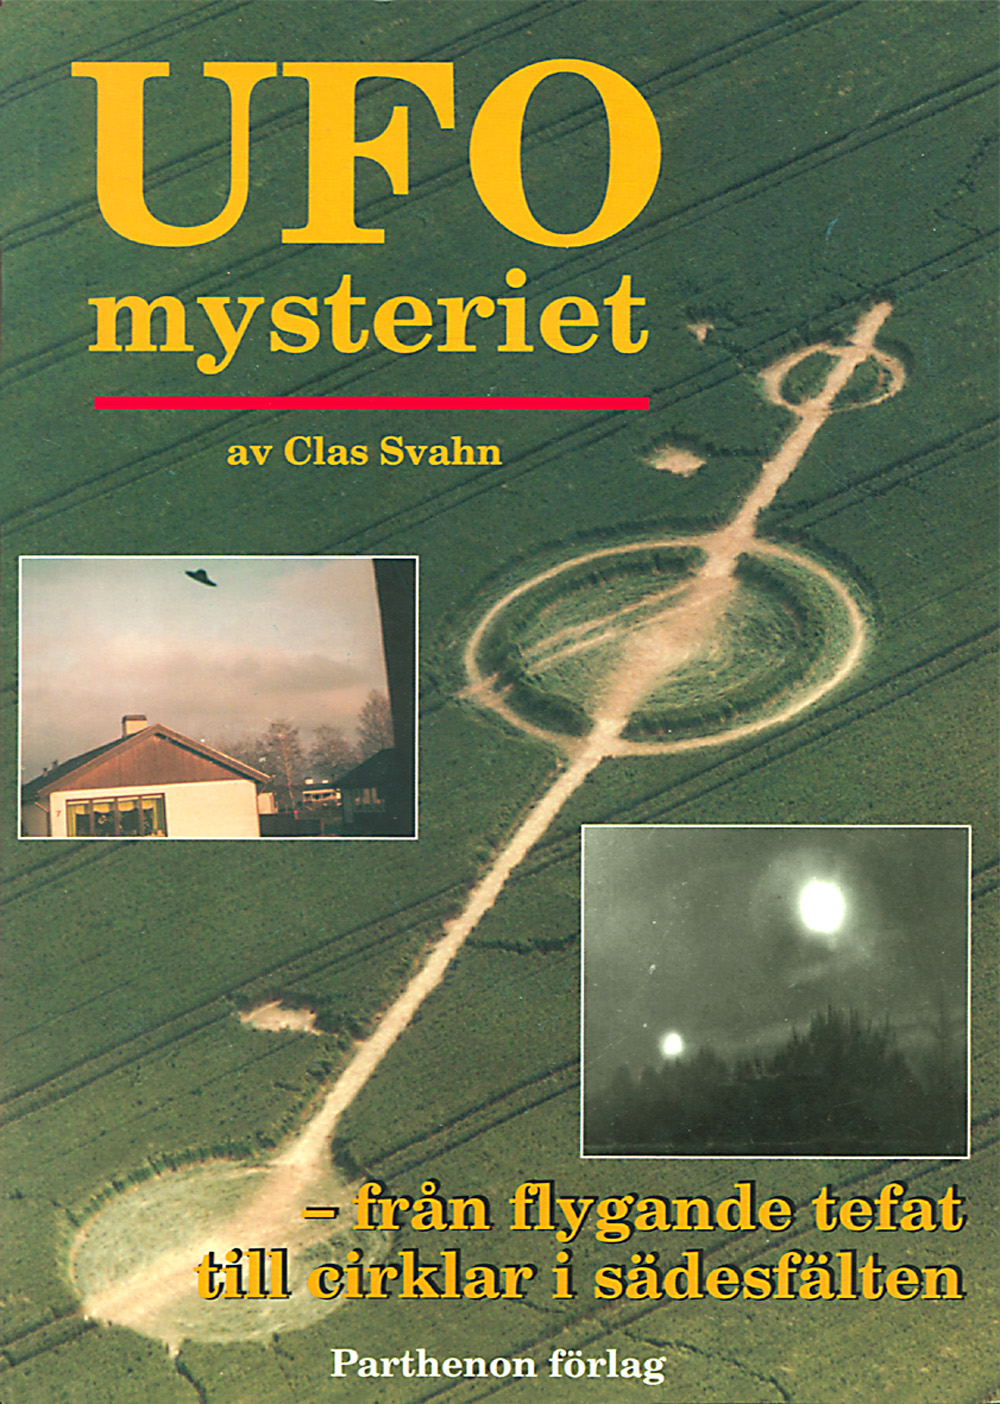 UFO-mysteriet : från flygande tefat till cirklar i sädesfält av Clas Svahn